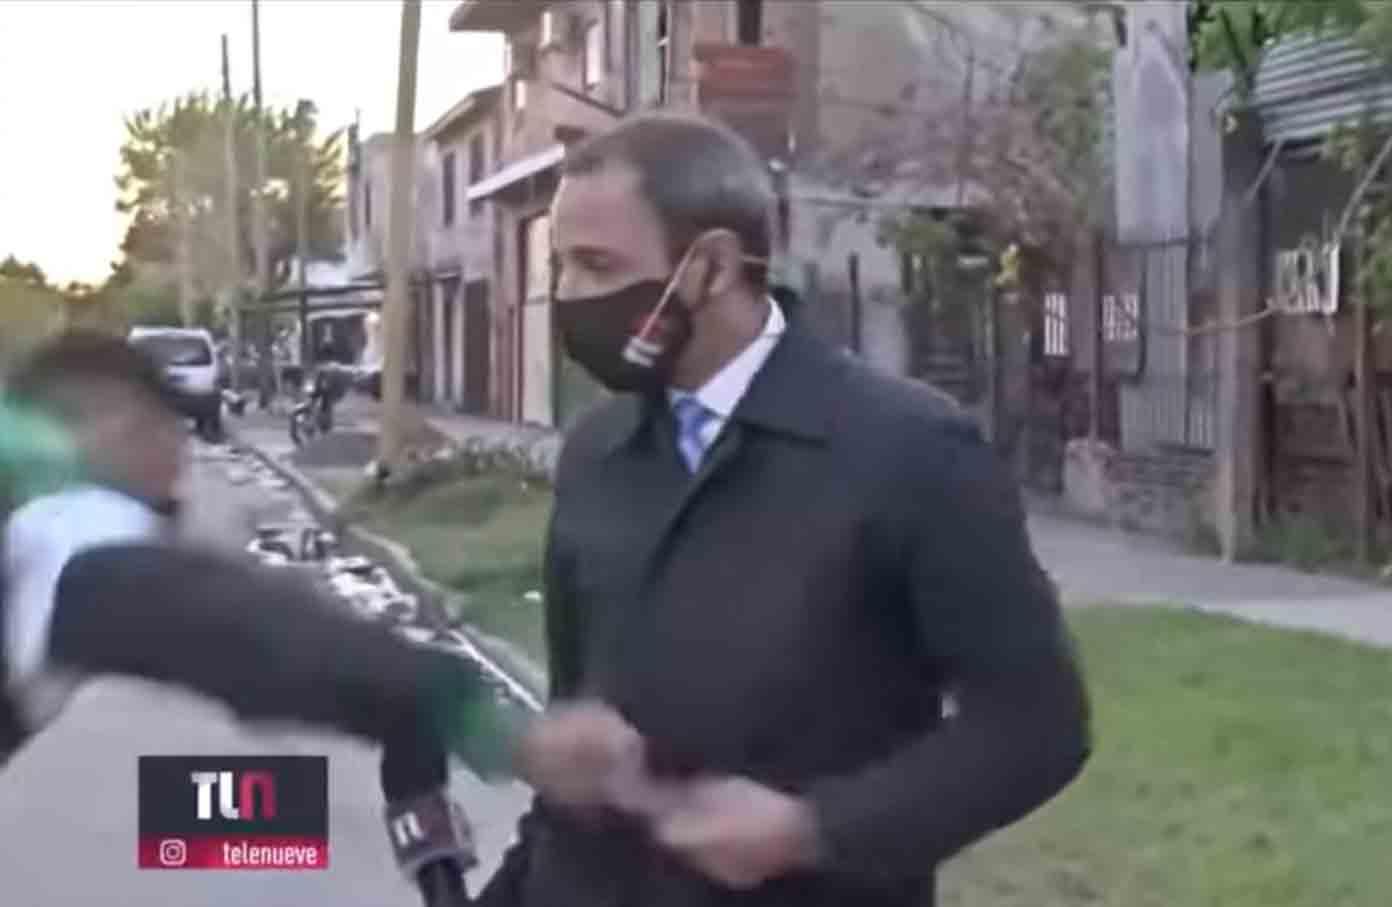 Telefone de jornalista argentino roubado pouco antes da transmissão ao vivo em Buenos Aires. Foto: Reprodução Ypooutube